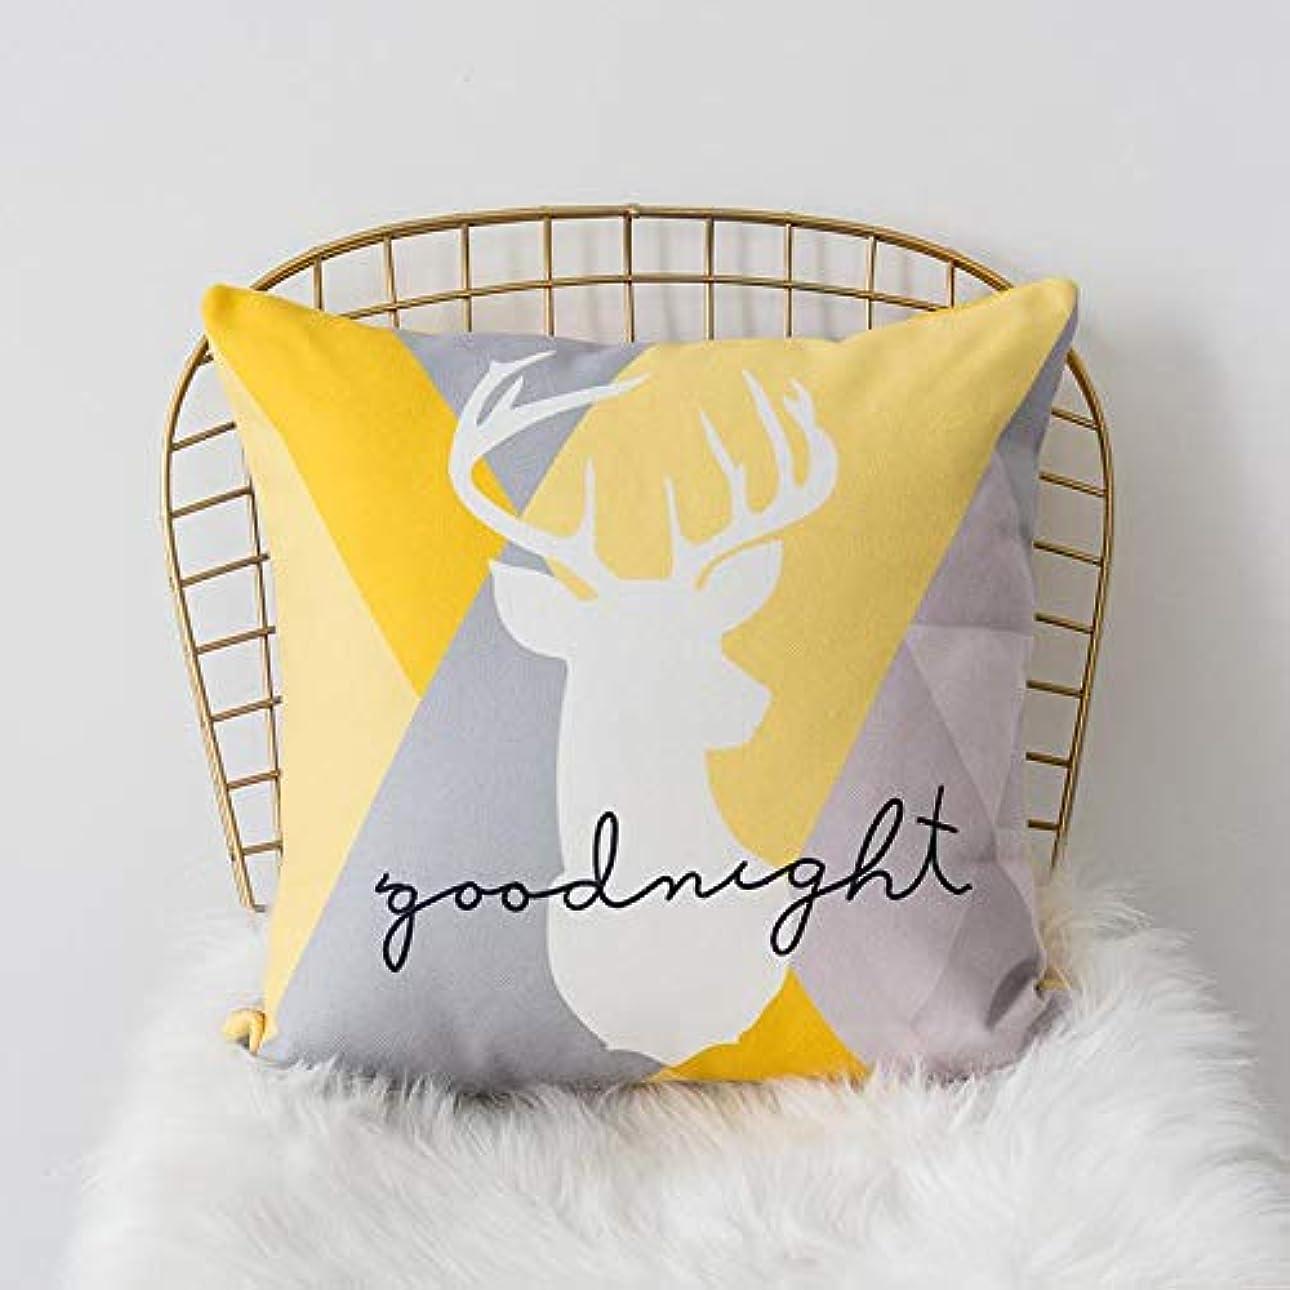 人気の確率駐地LIFE 黄色グレー枕北欧スタイル黄色ヘラジカ幾何枕リビングルームのインテリアソファクッション Cojines 装飾良質 クッション 椅子